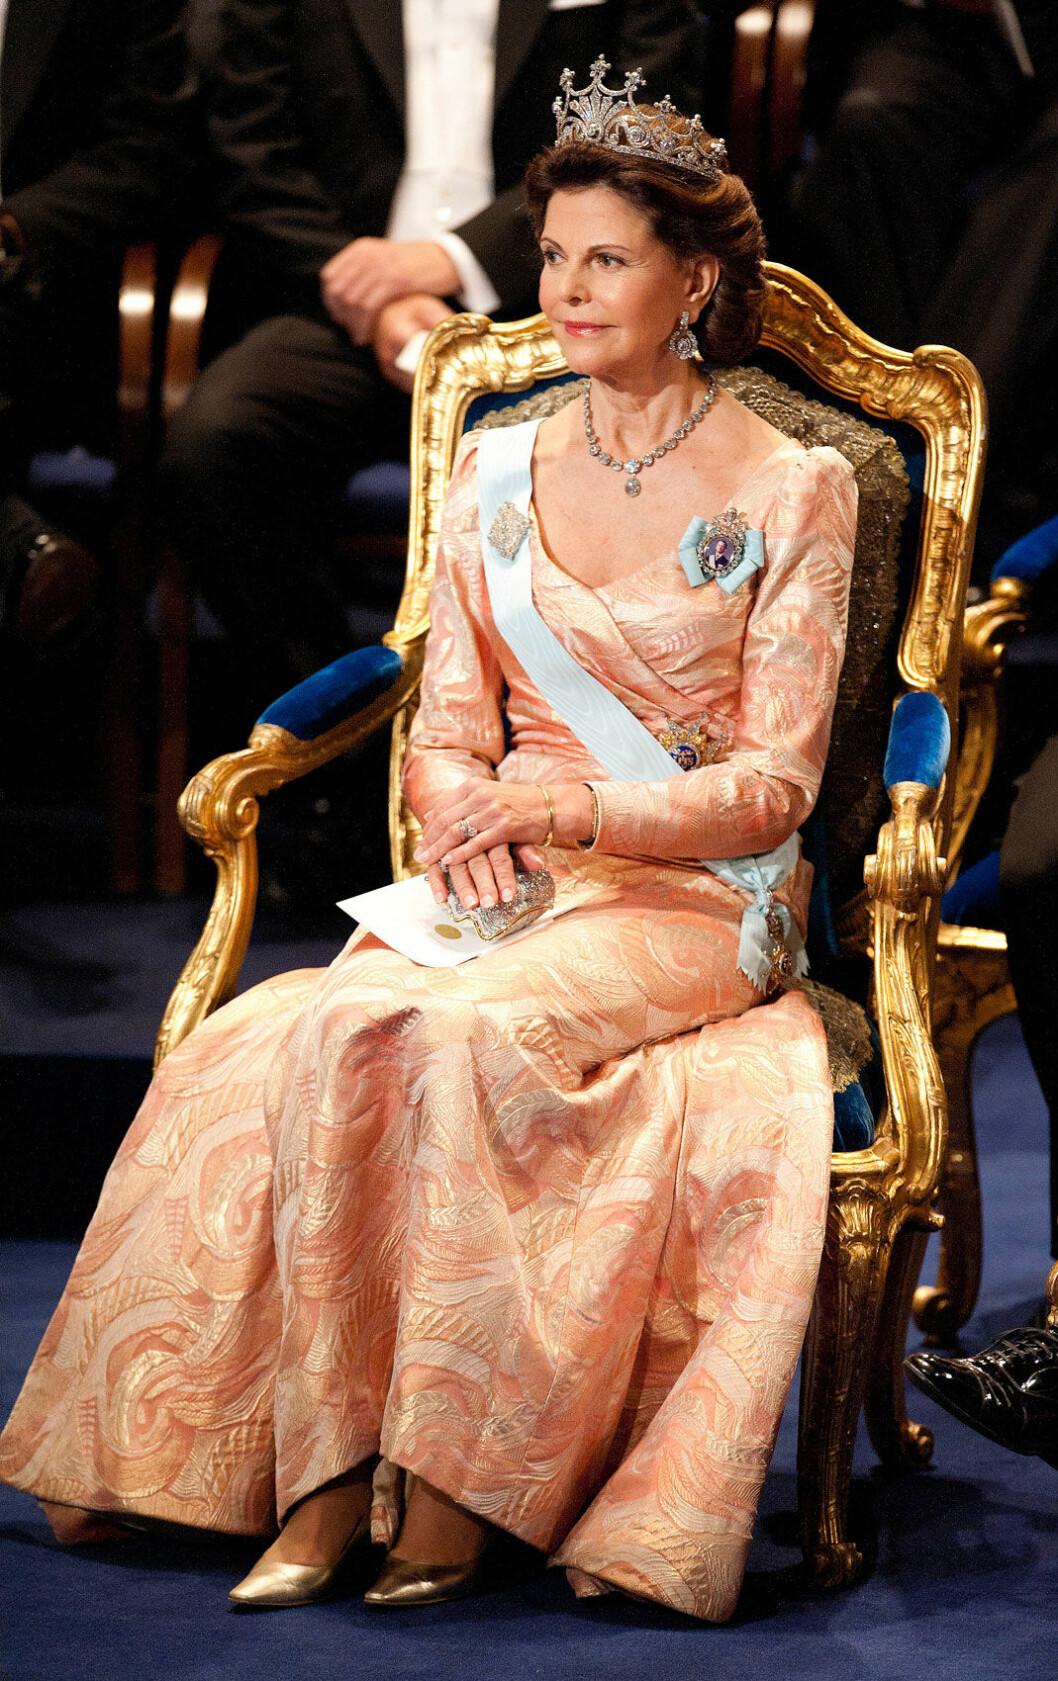 2011 återanvände drottningen den klänning som hon bar vid galaföreställningen i konserthuset kvällen före kronprinsessans bröllop 2010.